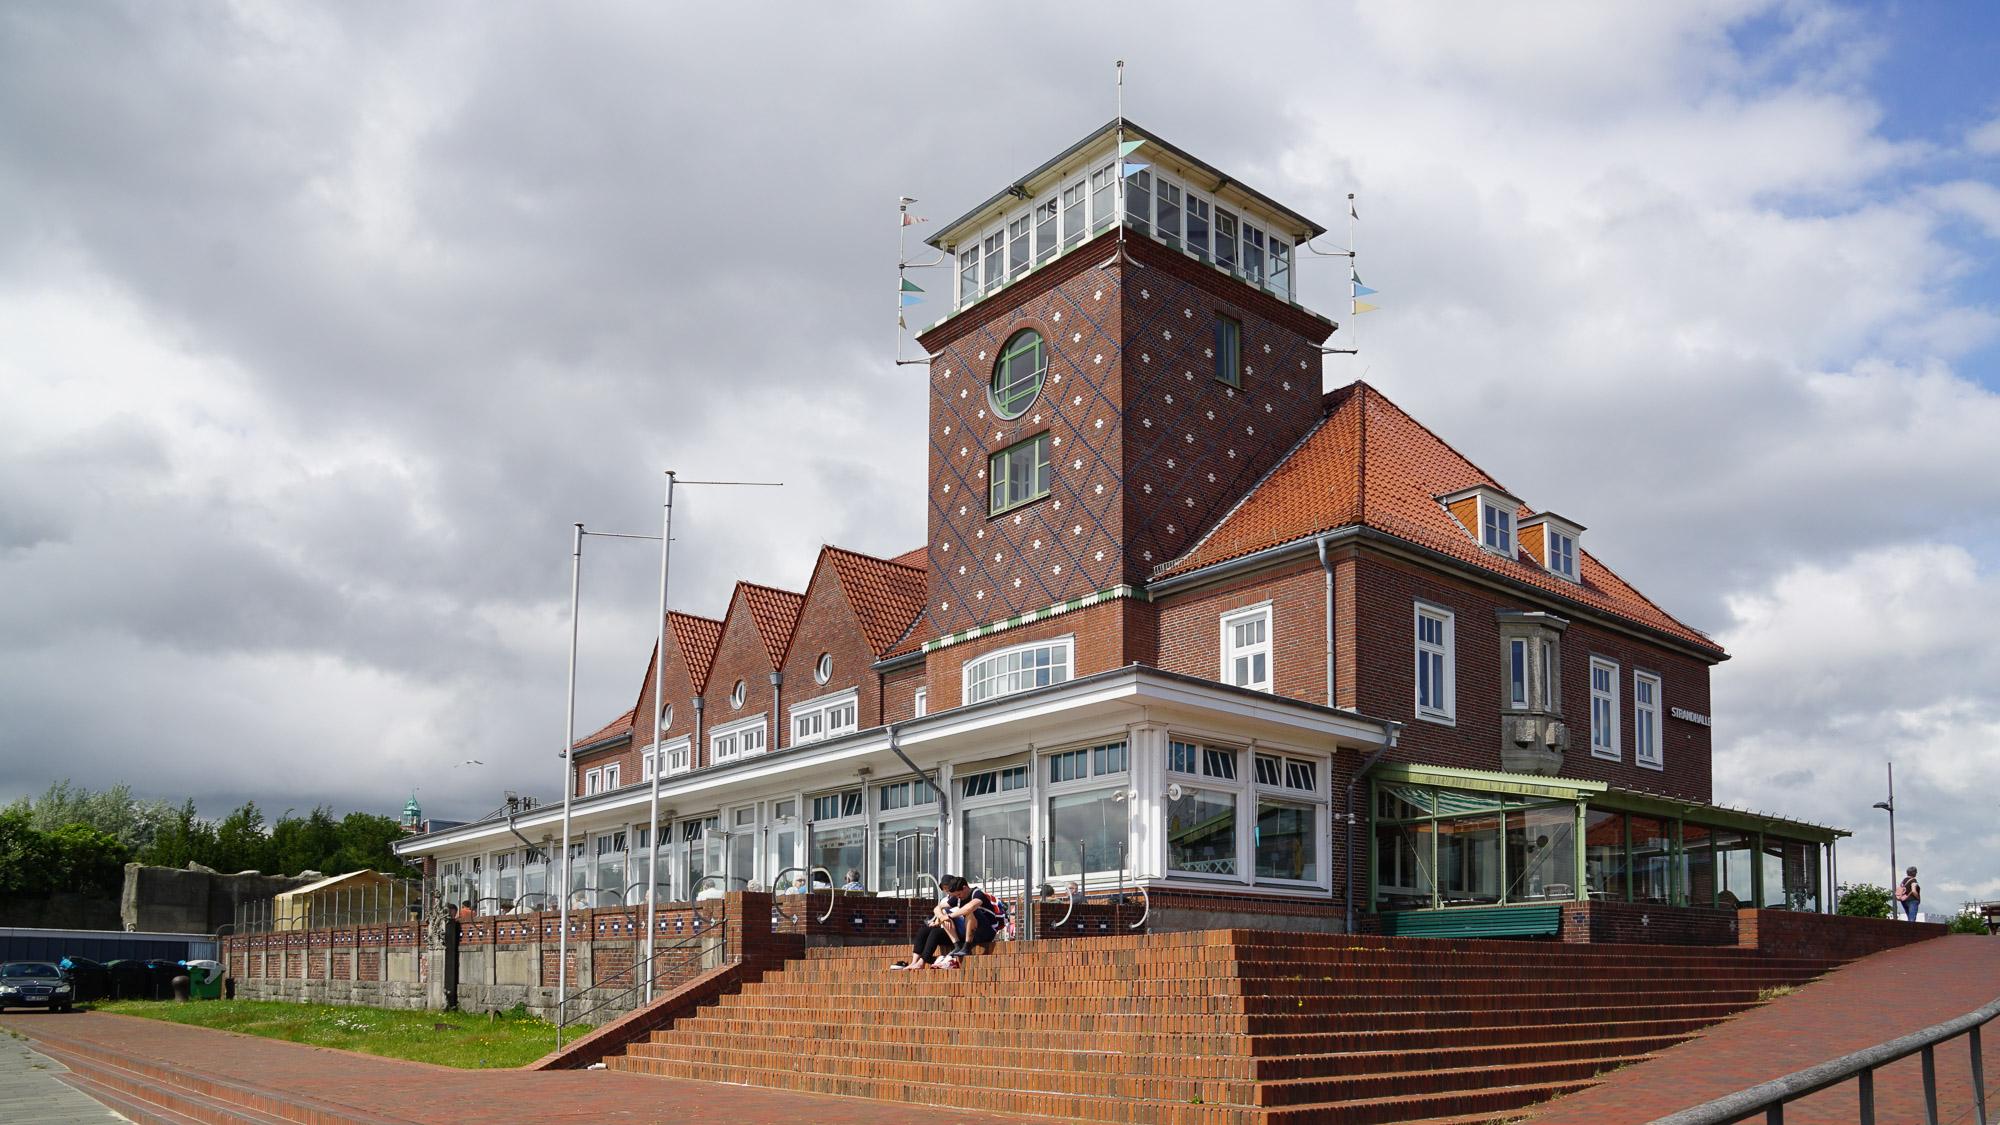 Ansicht eines Backsteinhauses mit gemusterter Fassade, im Erdgeschoss Gastronomie